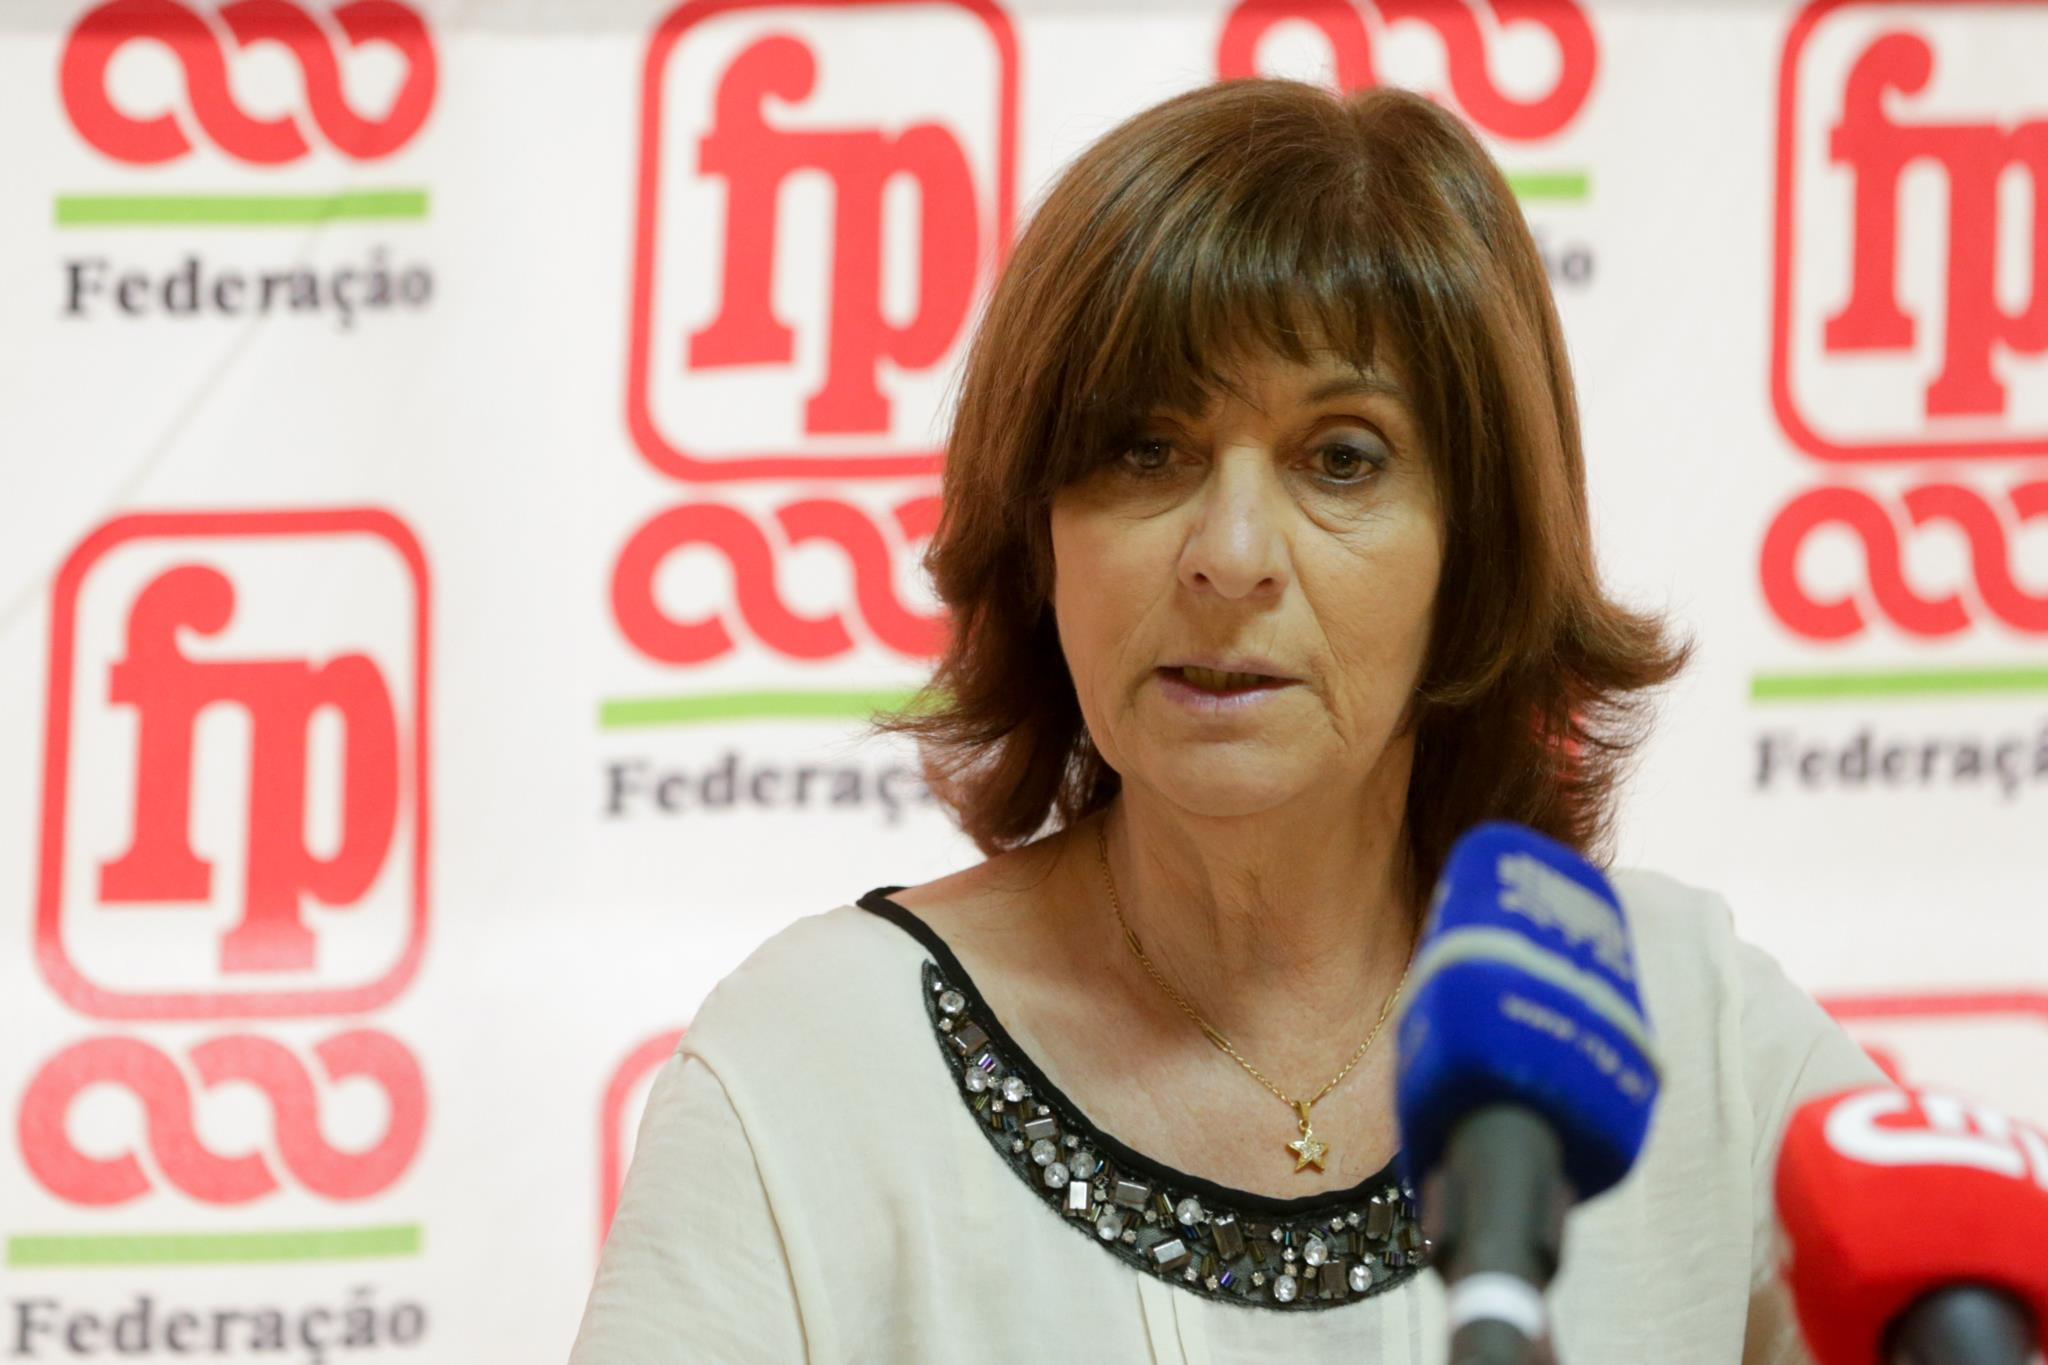 PÚBLICO - Adesão geral à greve em 75%, Saúde e Educação nos 90%